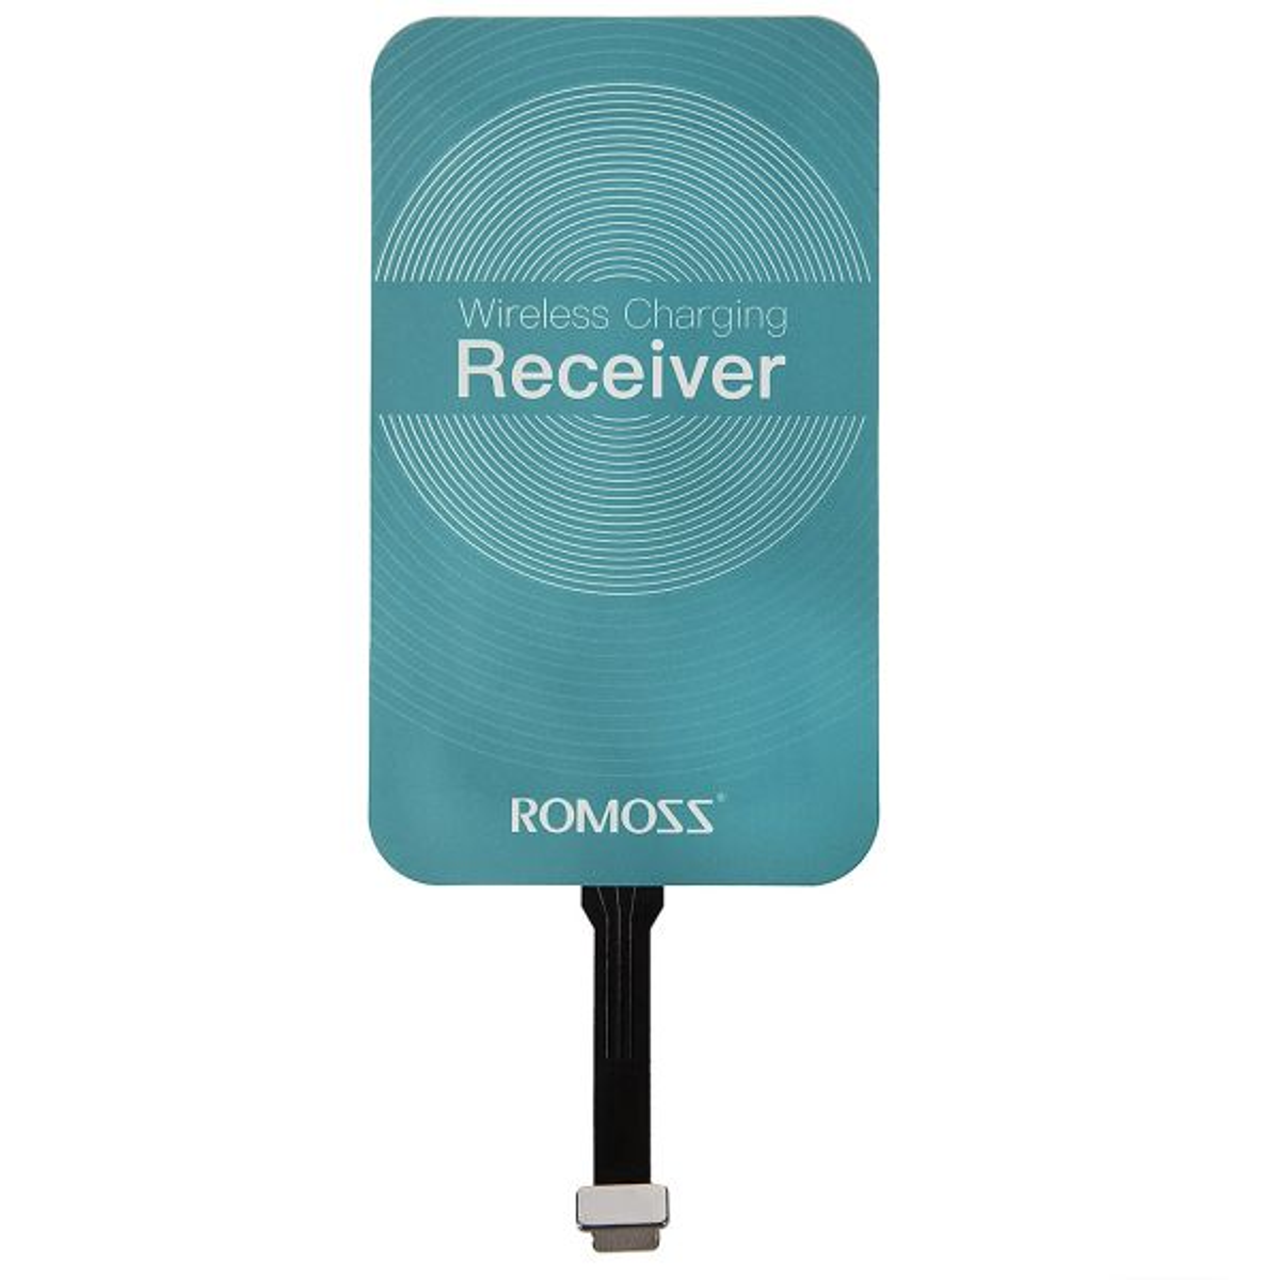 گیرنده شارژر بی سیم روموس مدل RL01 مناسب برای گوشی موبایل آیفون 6/6s